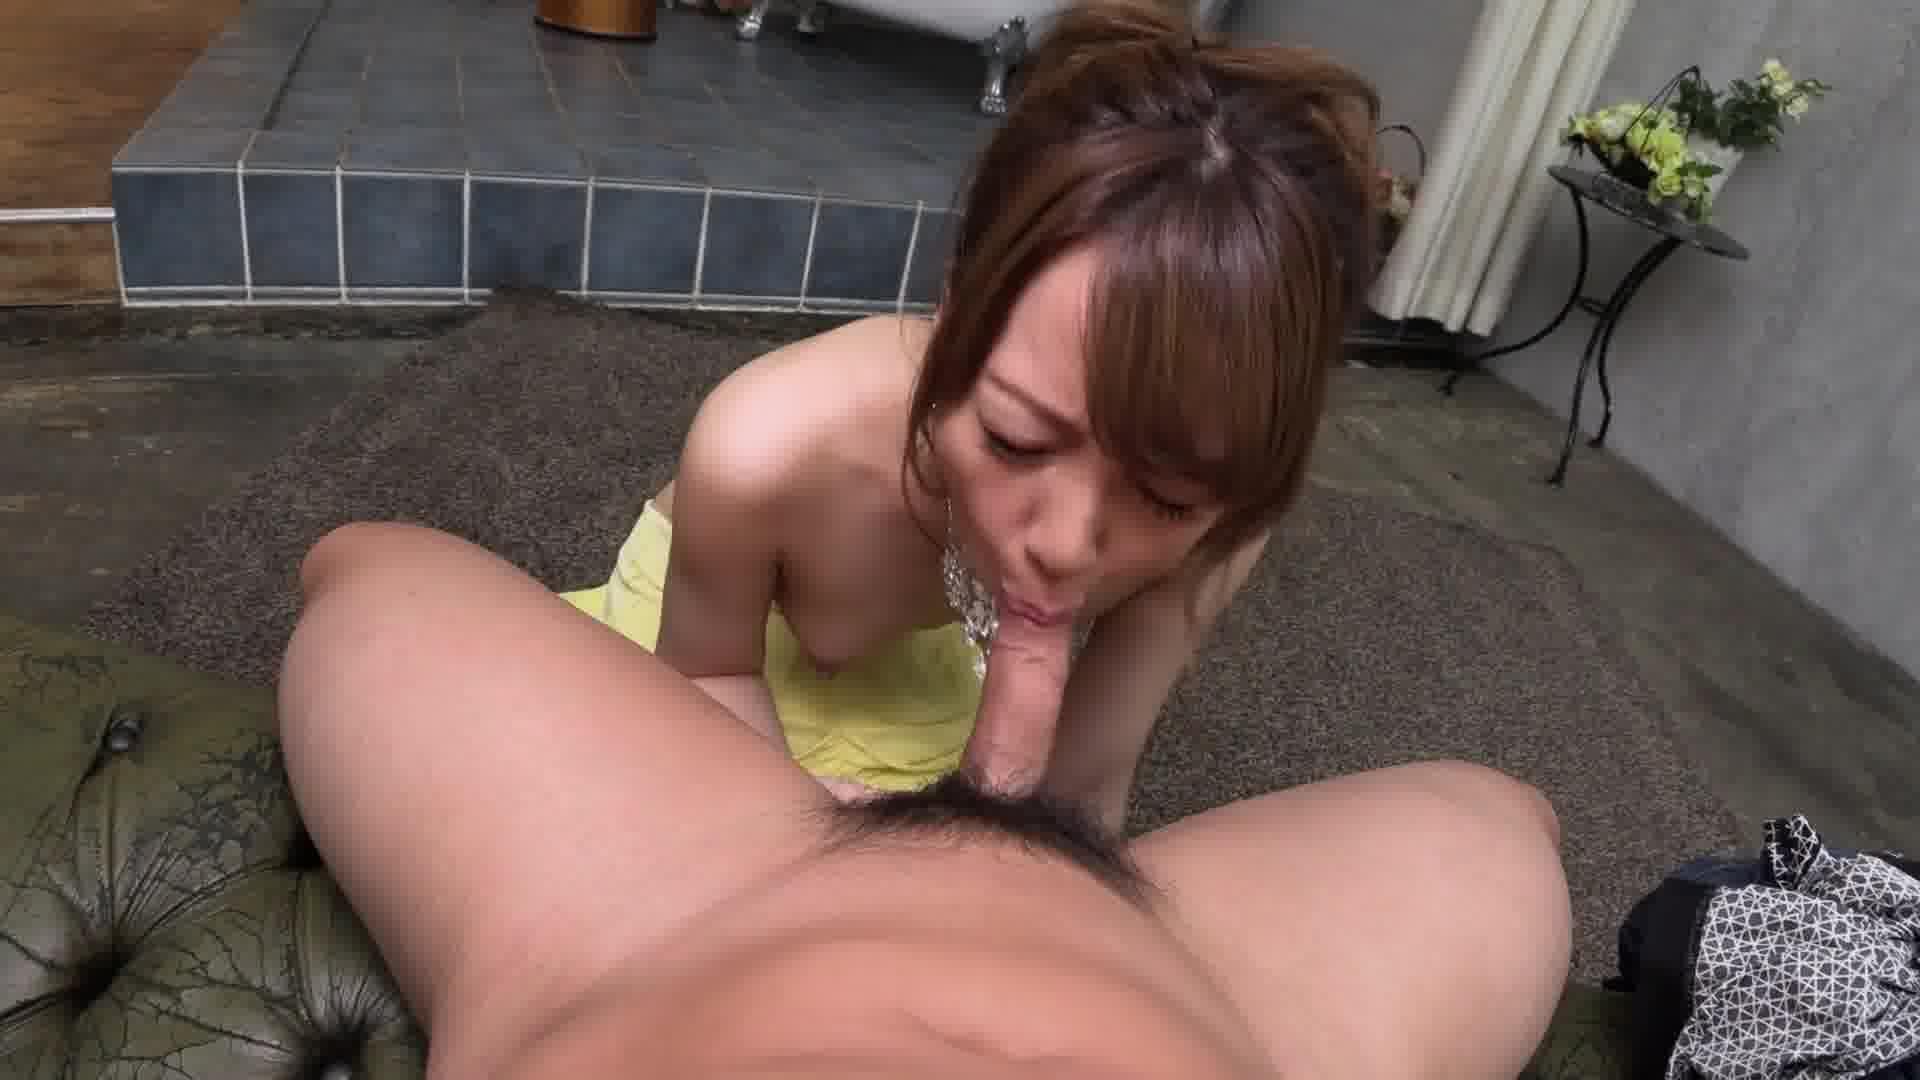 極上泡姫物語 Vol.87 - 与田知佳【パイズリ・スレンダー・中出し】